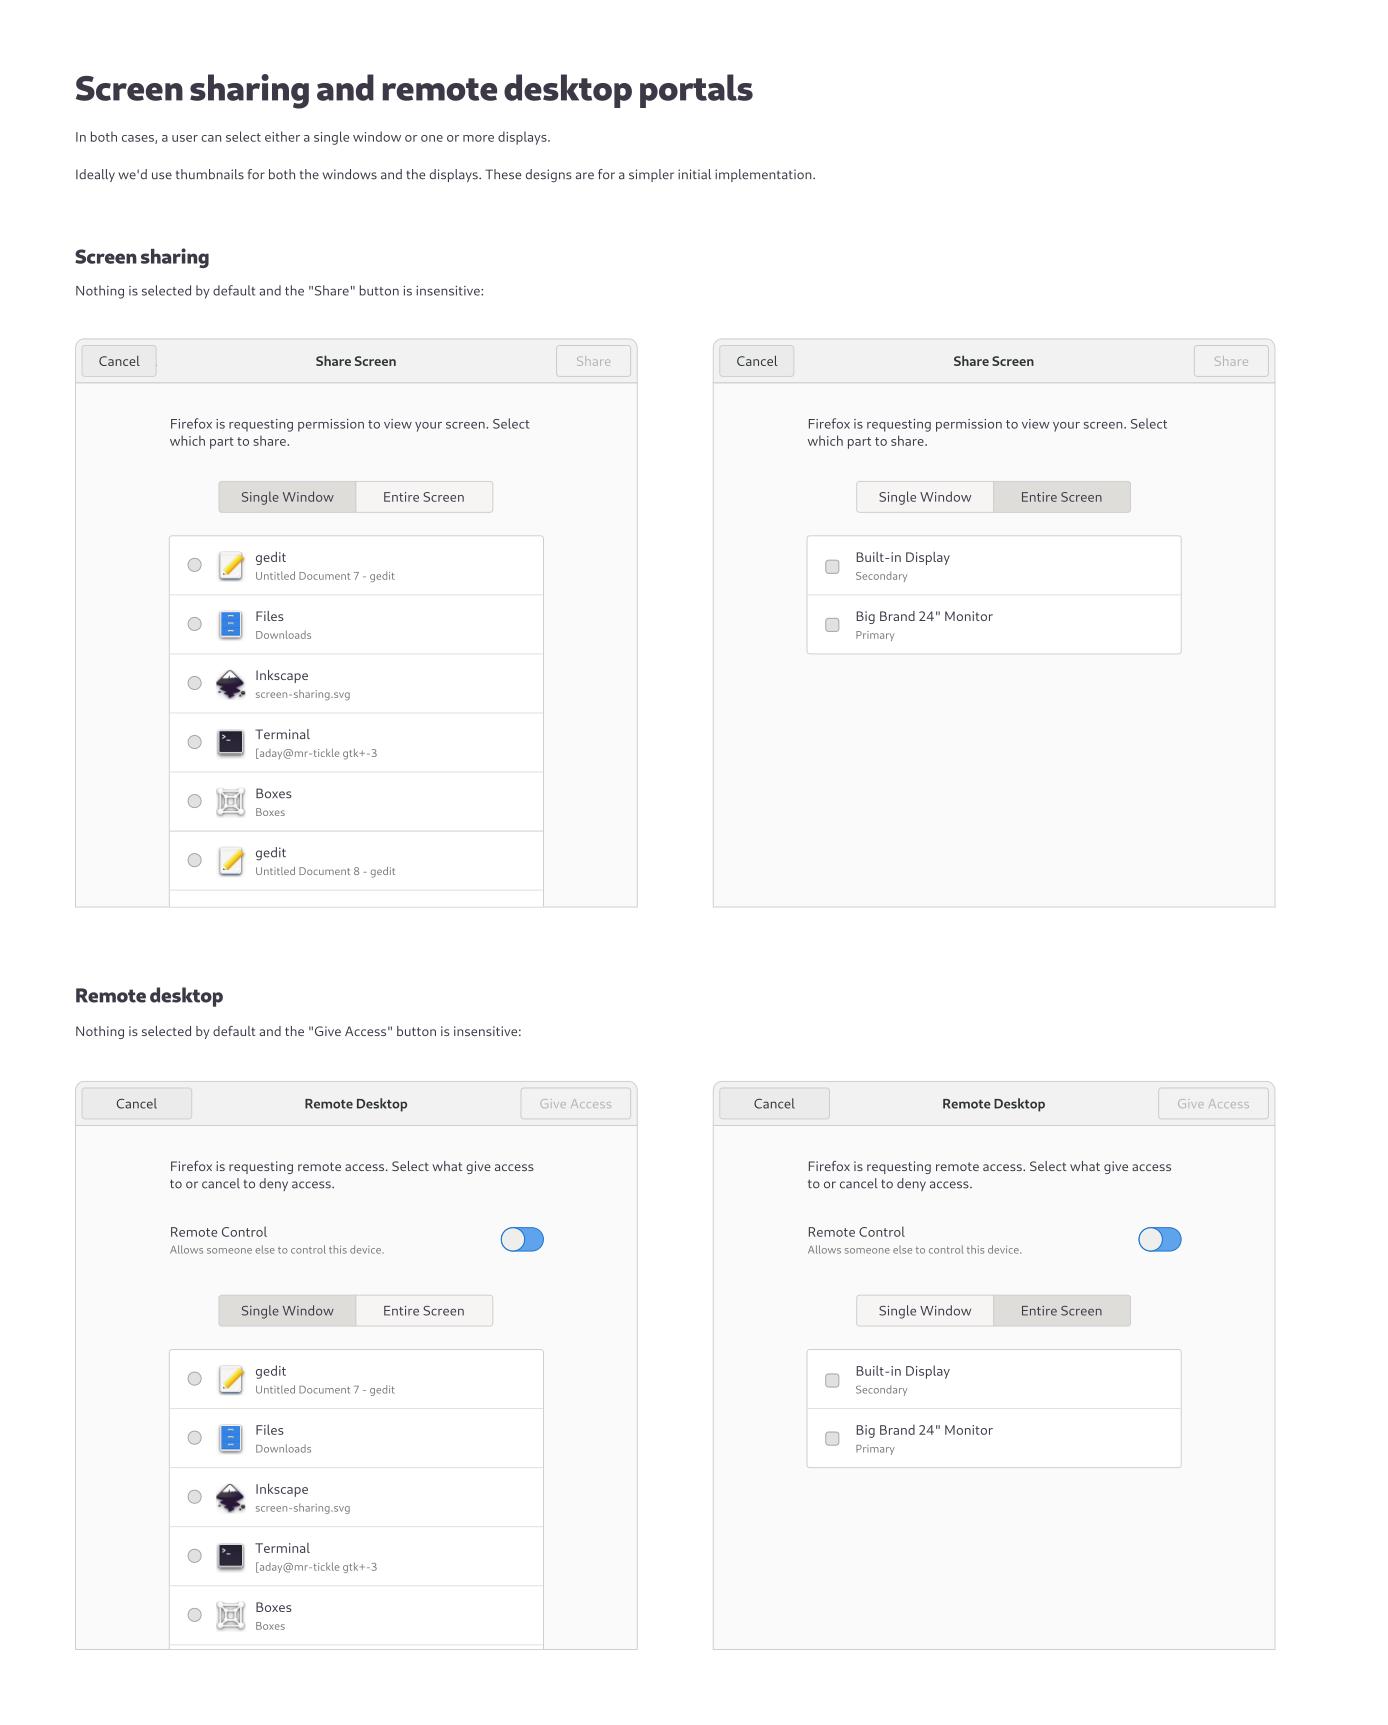 portals/screen-sharing-remote-desktop.png